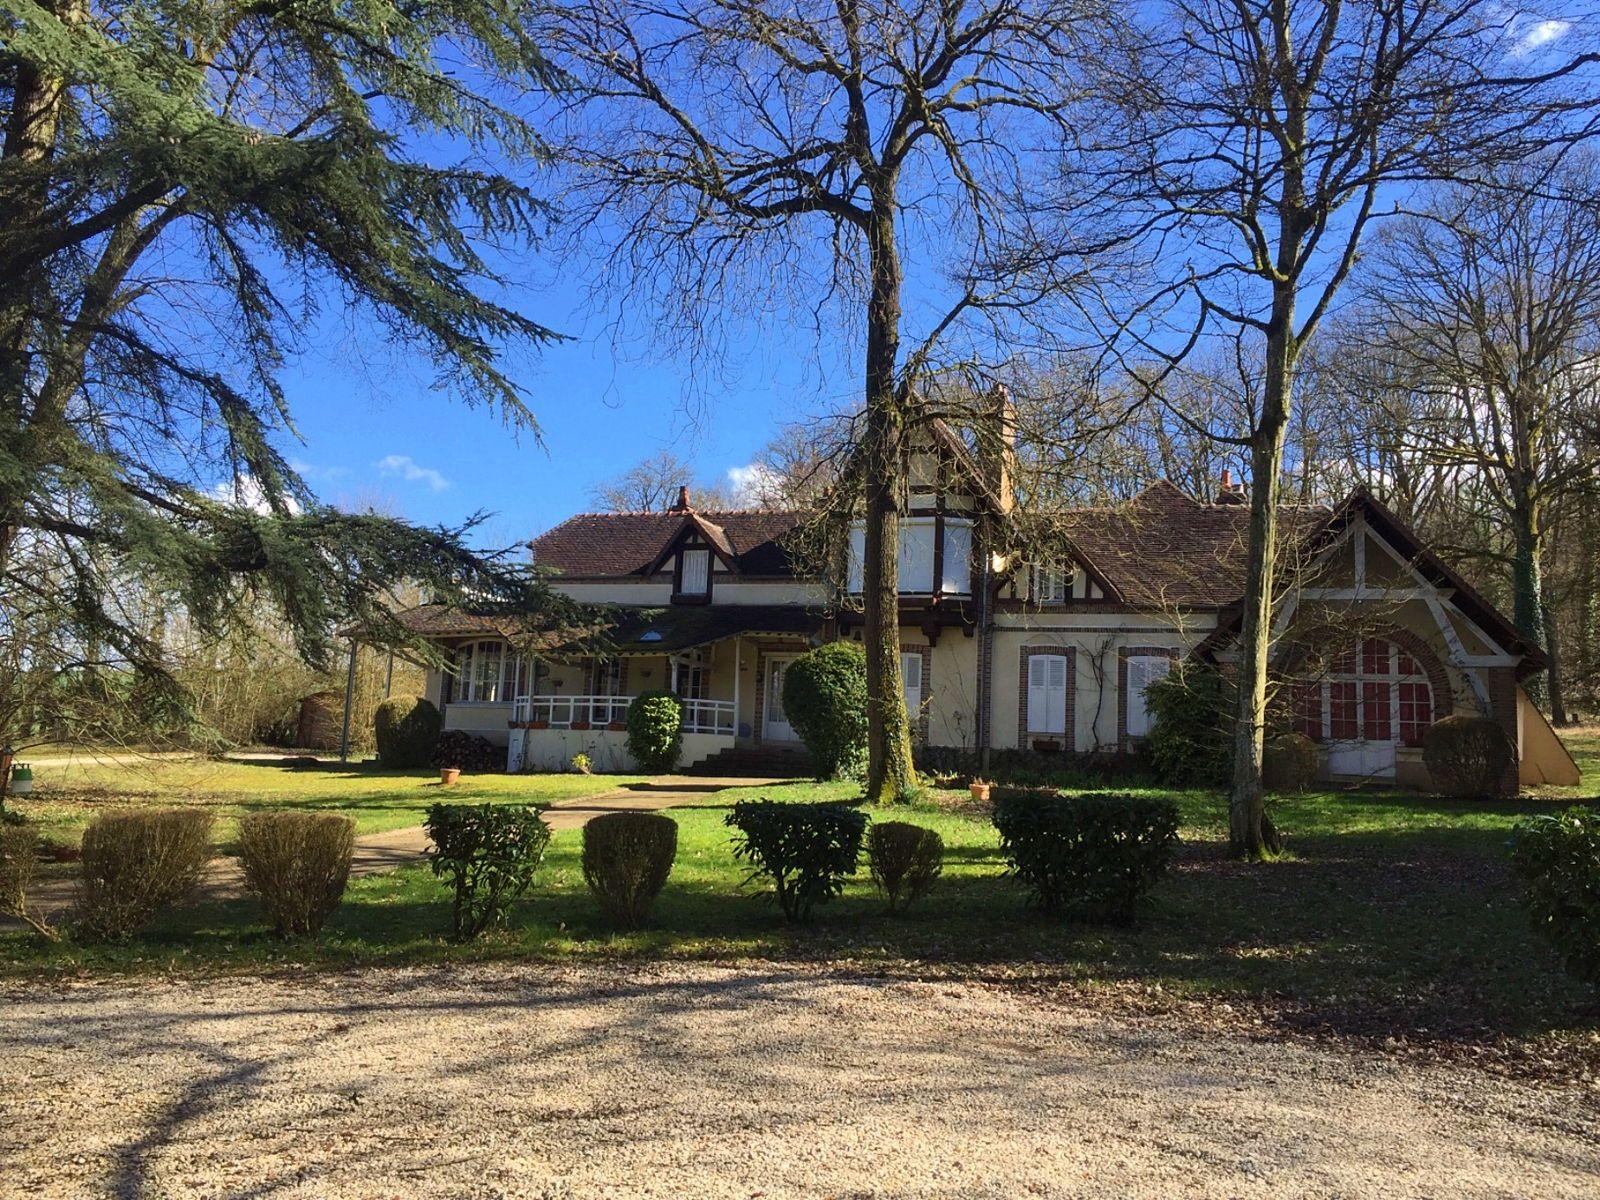 Loue ma villa familiale 22couchages week-ends ou semaines, près Sens